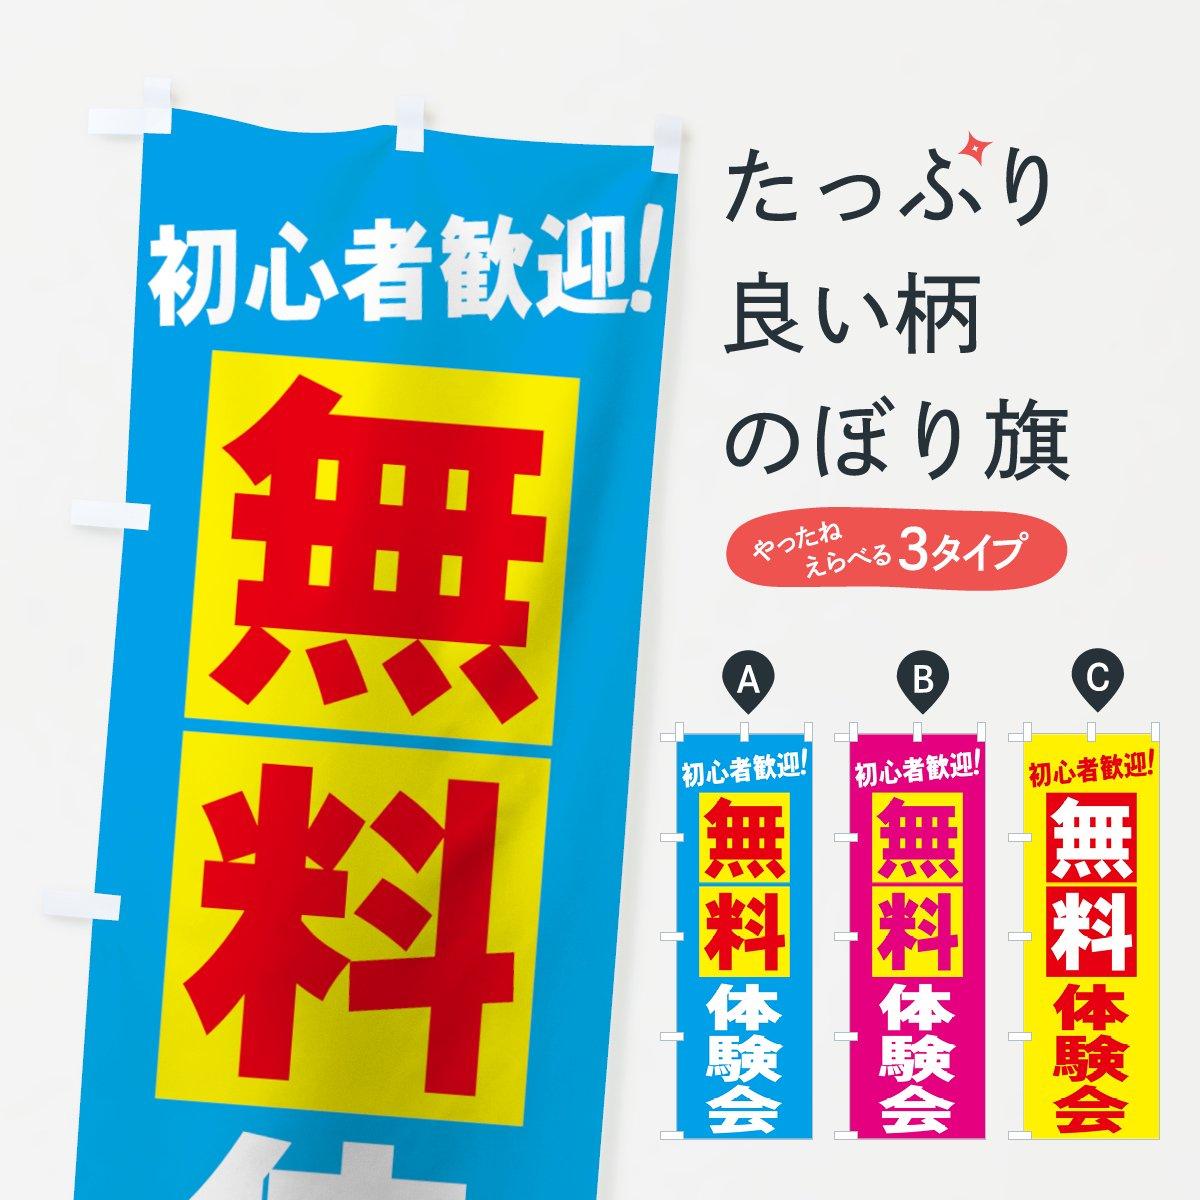 無料体験会のぼり旗 初心者歓迎!